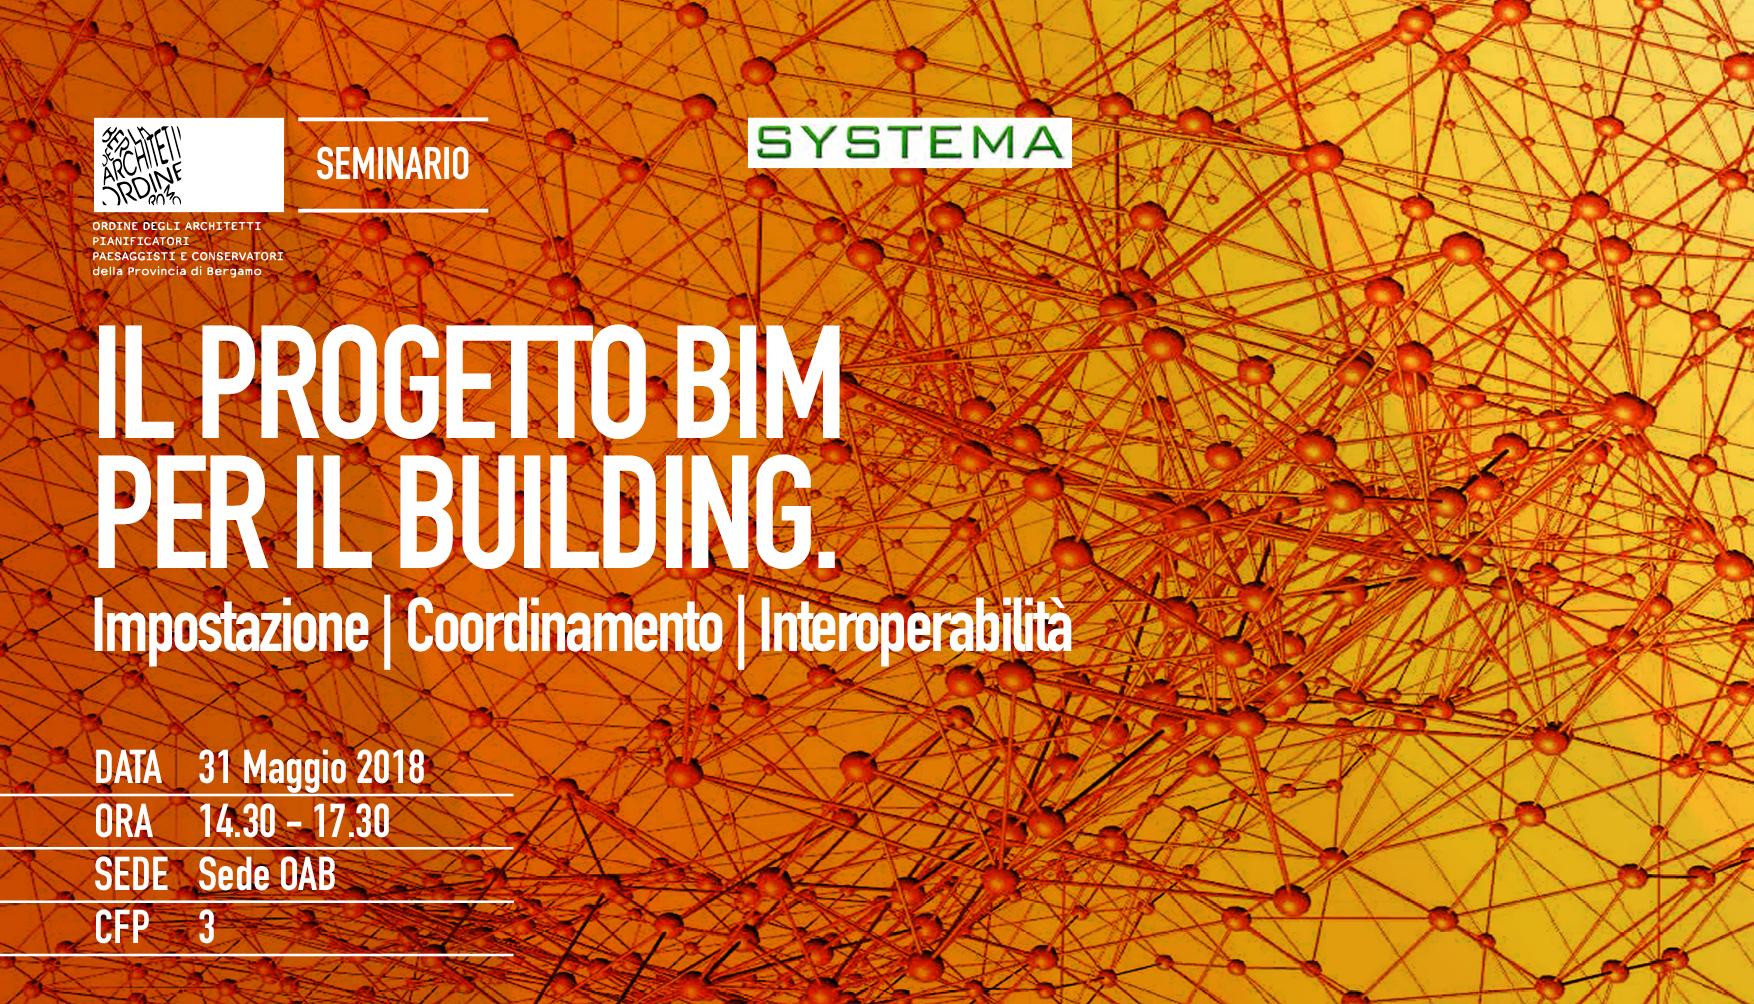 Seminario_BIM_31_Maggio_immagine_interna